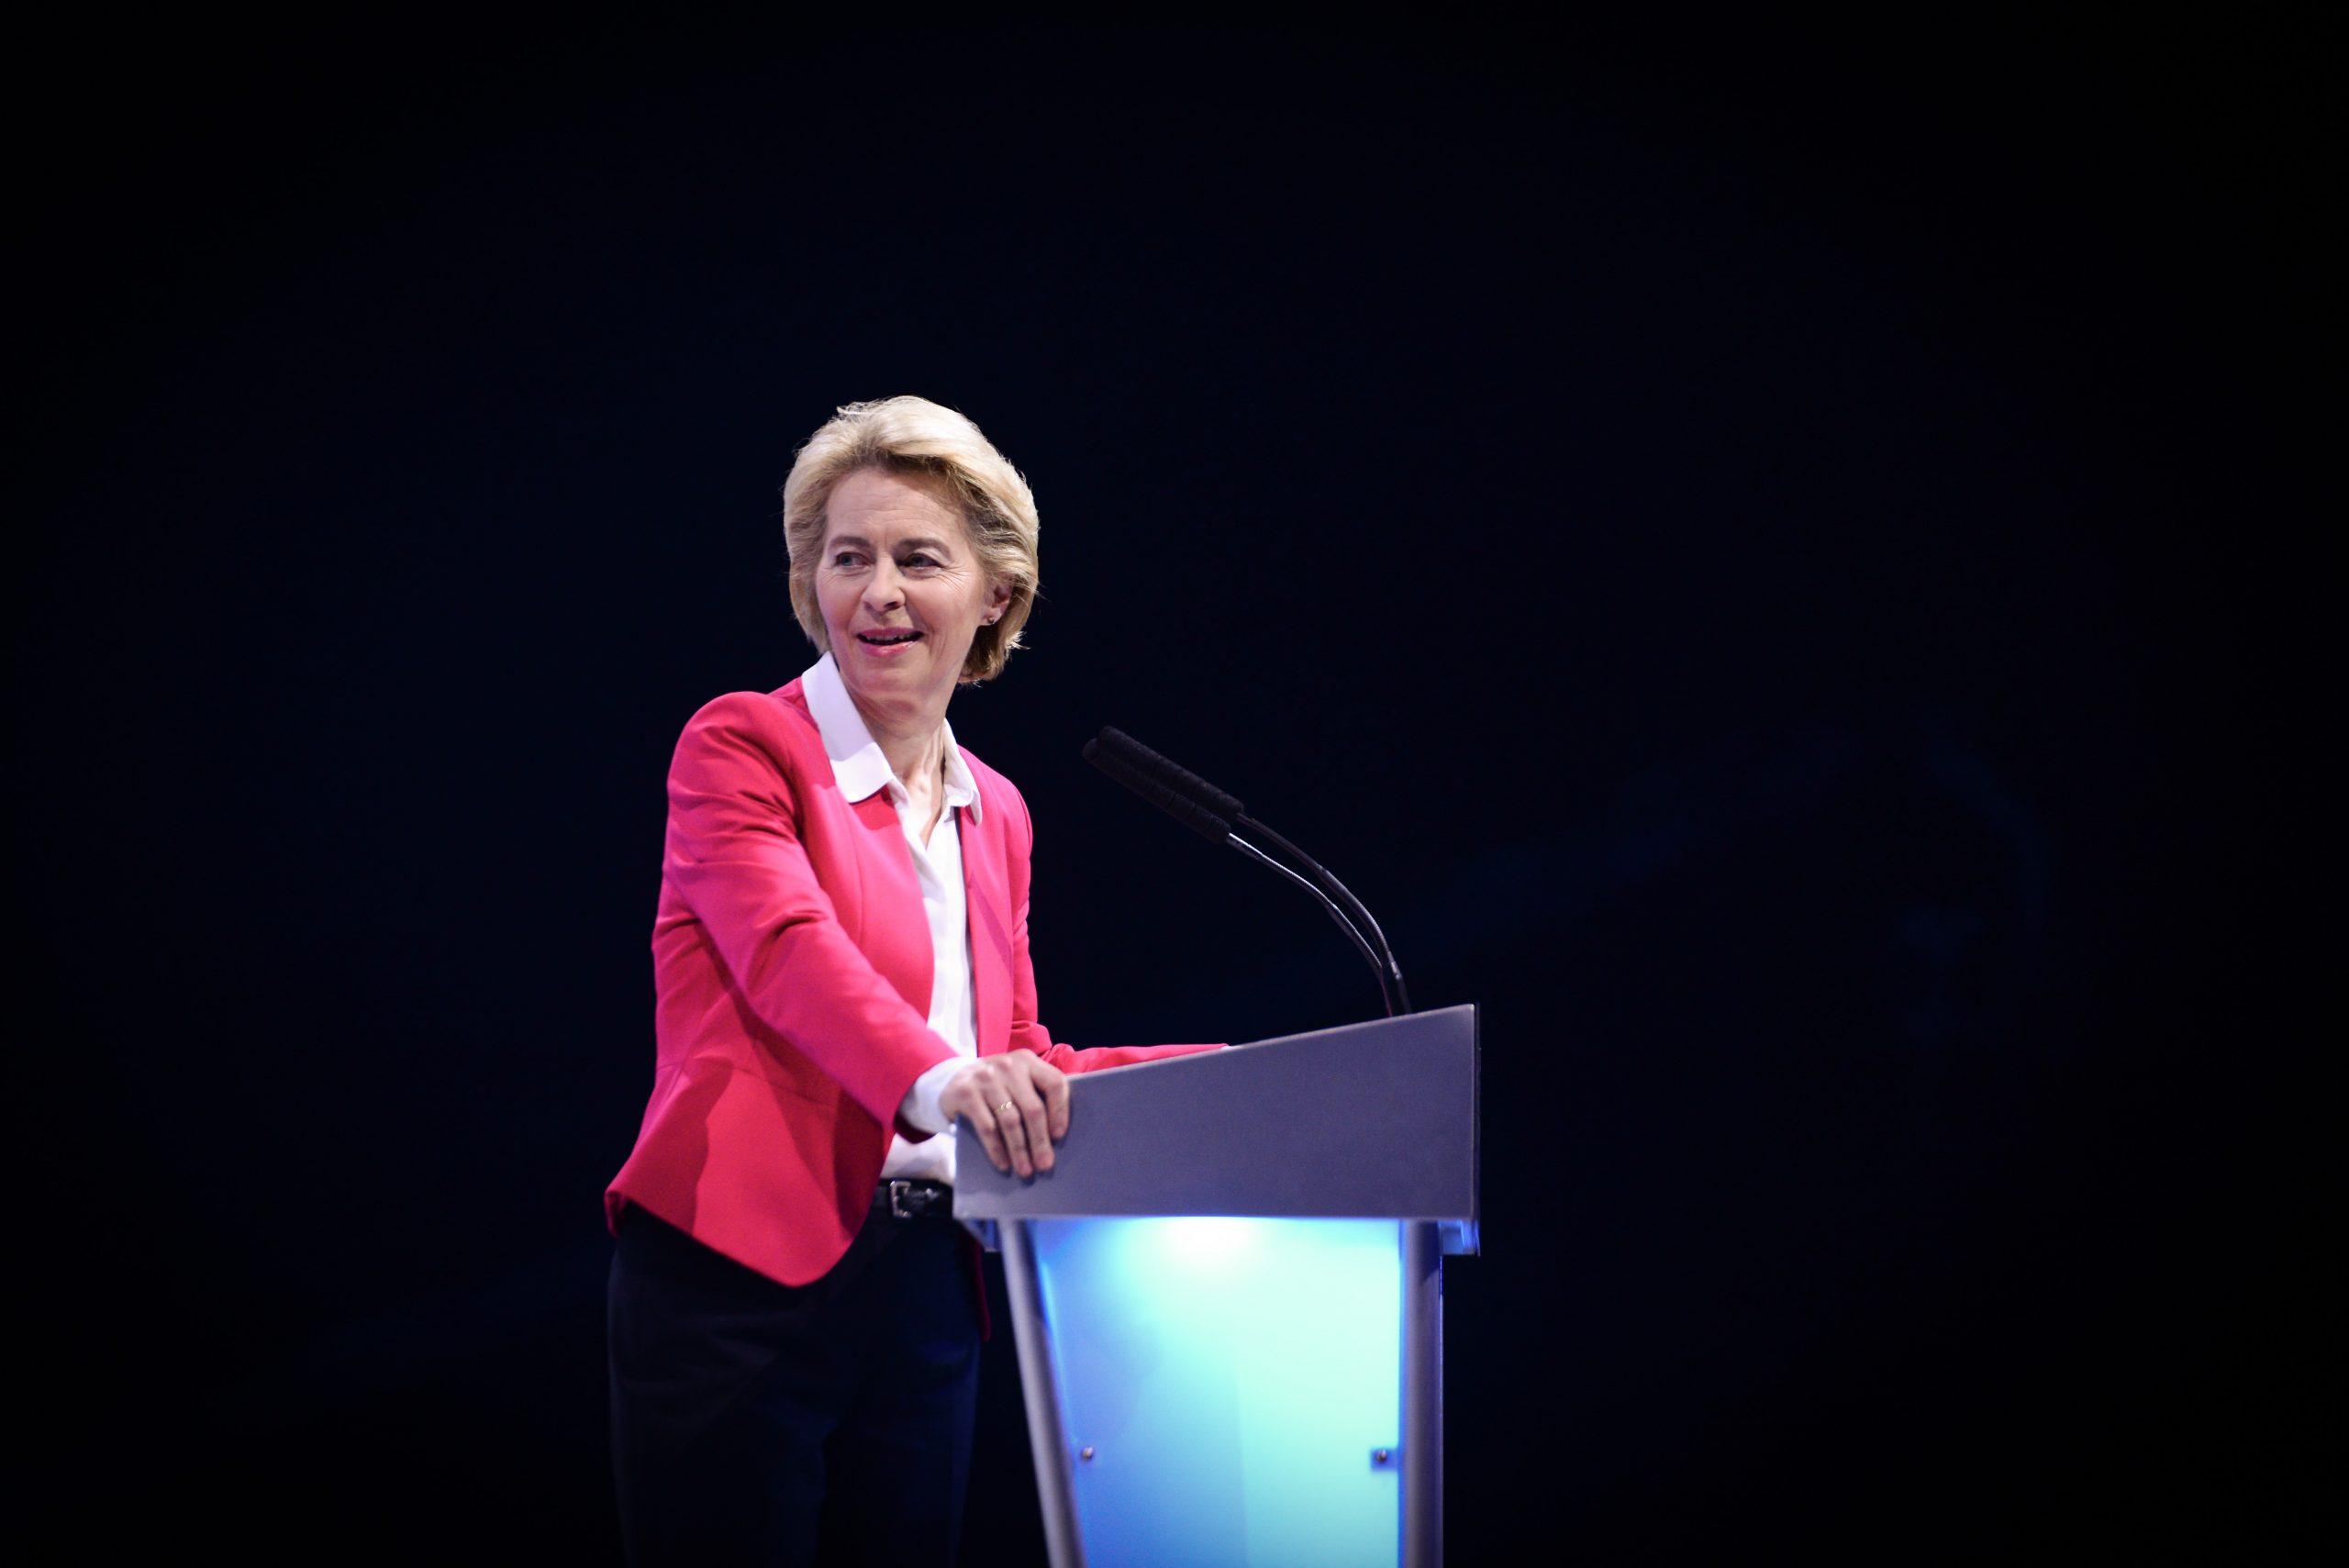 La présidente de la Commission européenne, Ursula von der Leyen, a fait du pacte vert européen la priorité de son mandat - Crédits : European People's Party / Flickr CC BY 2.0